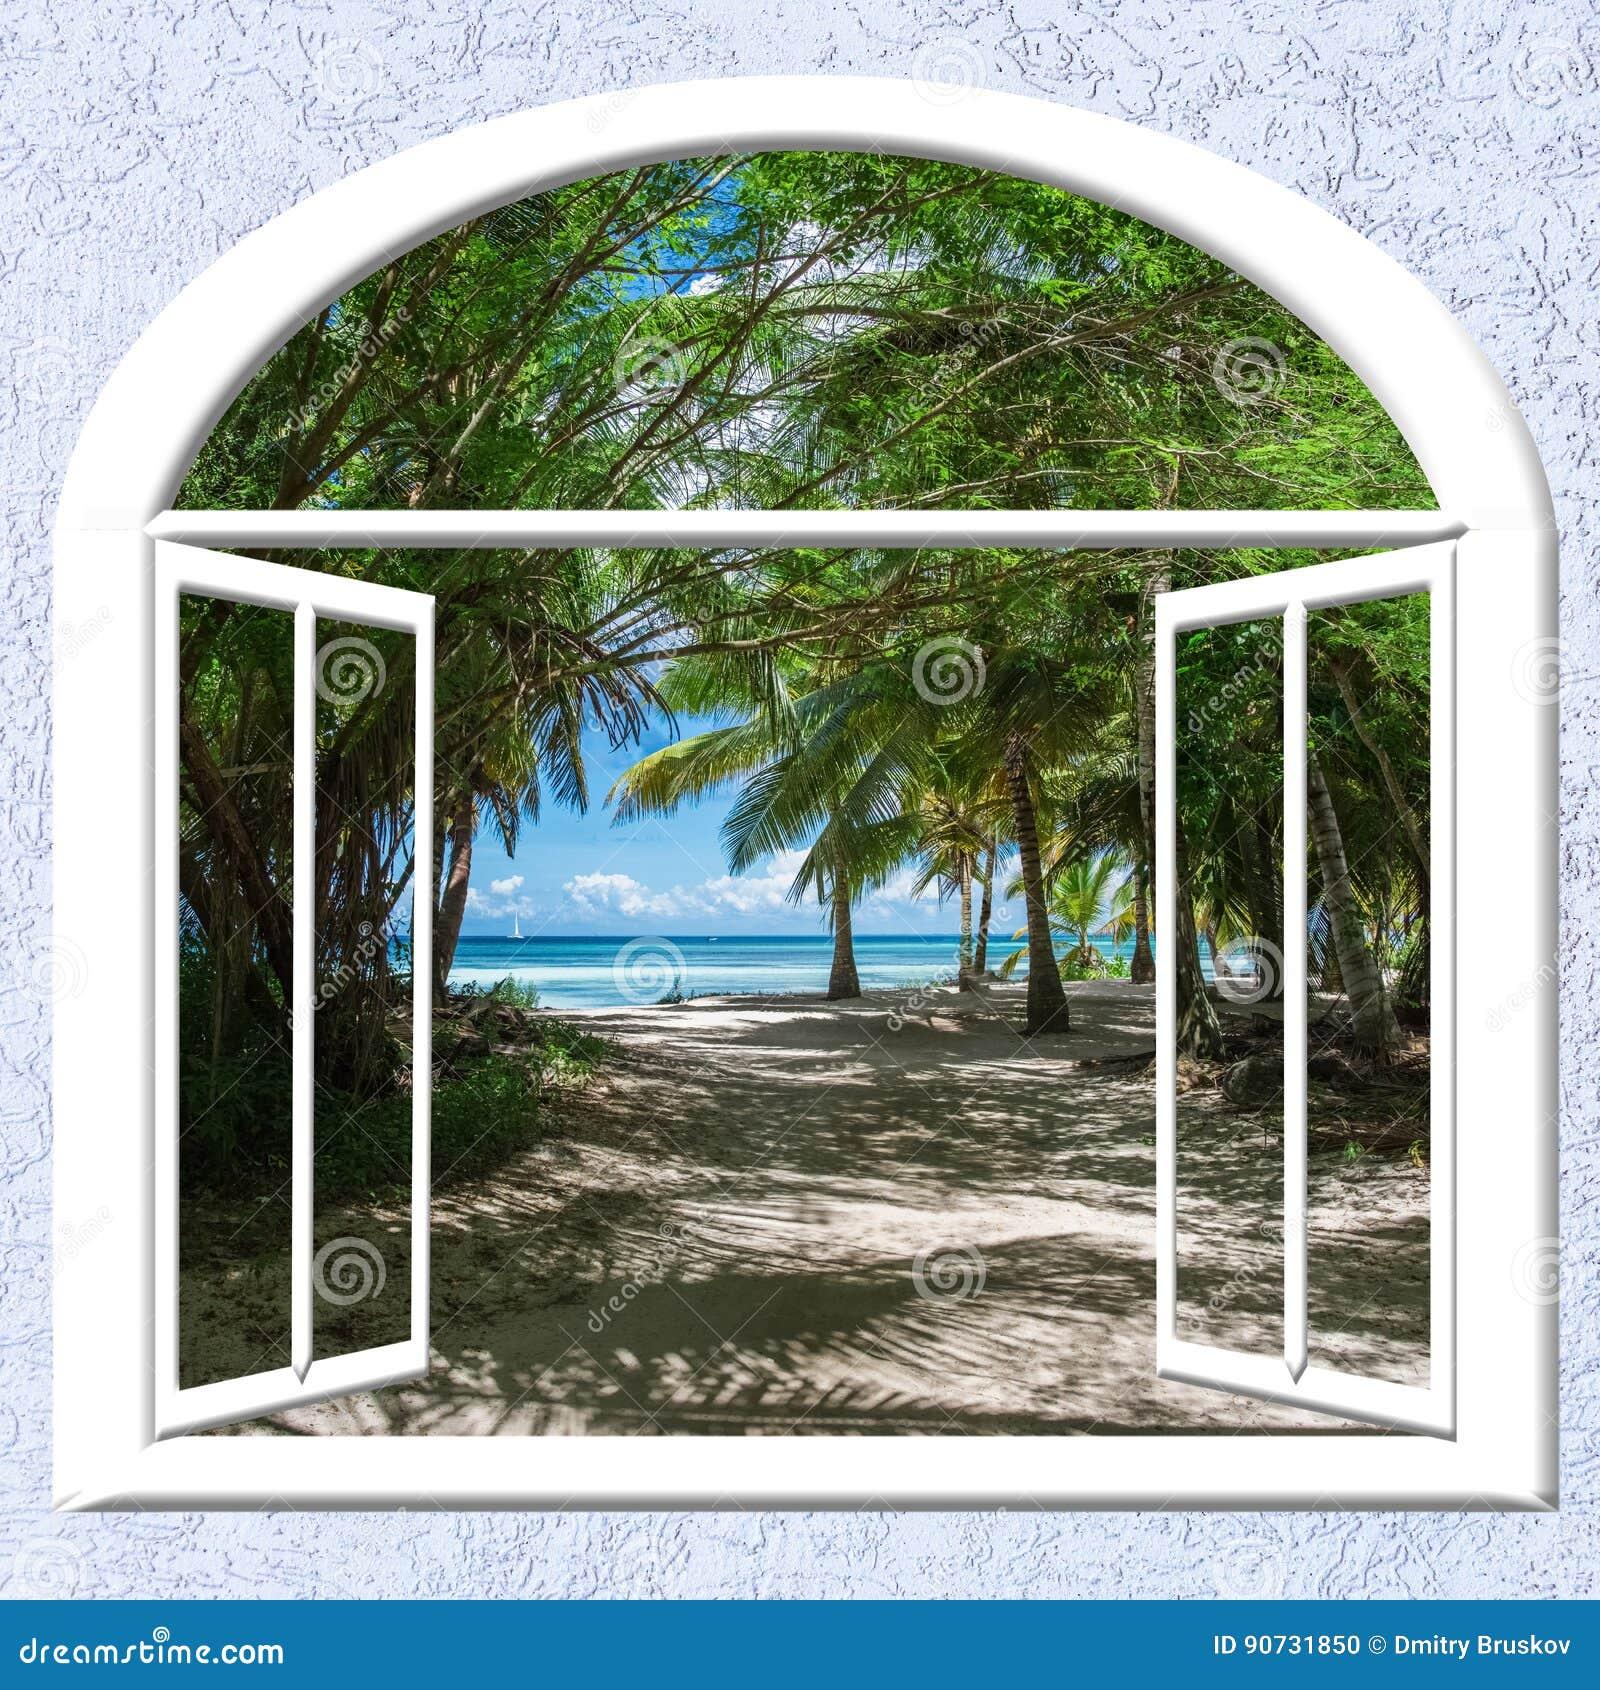 Offenes fenster meer  Offenes Fenster Zum Meer Stockfoto - Bild: 90731850